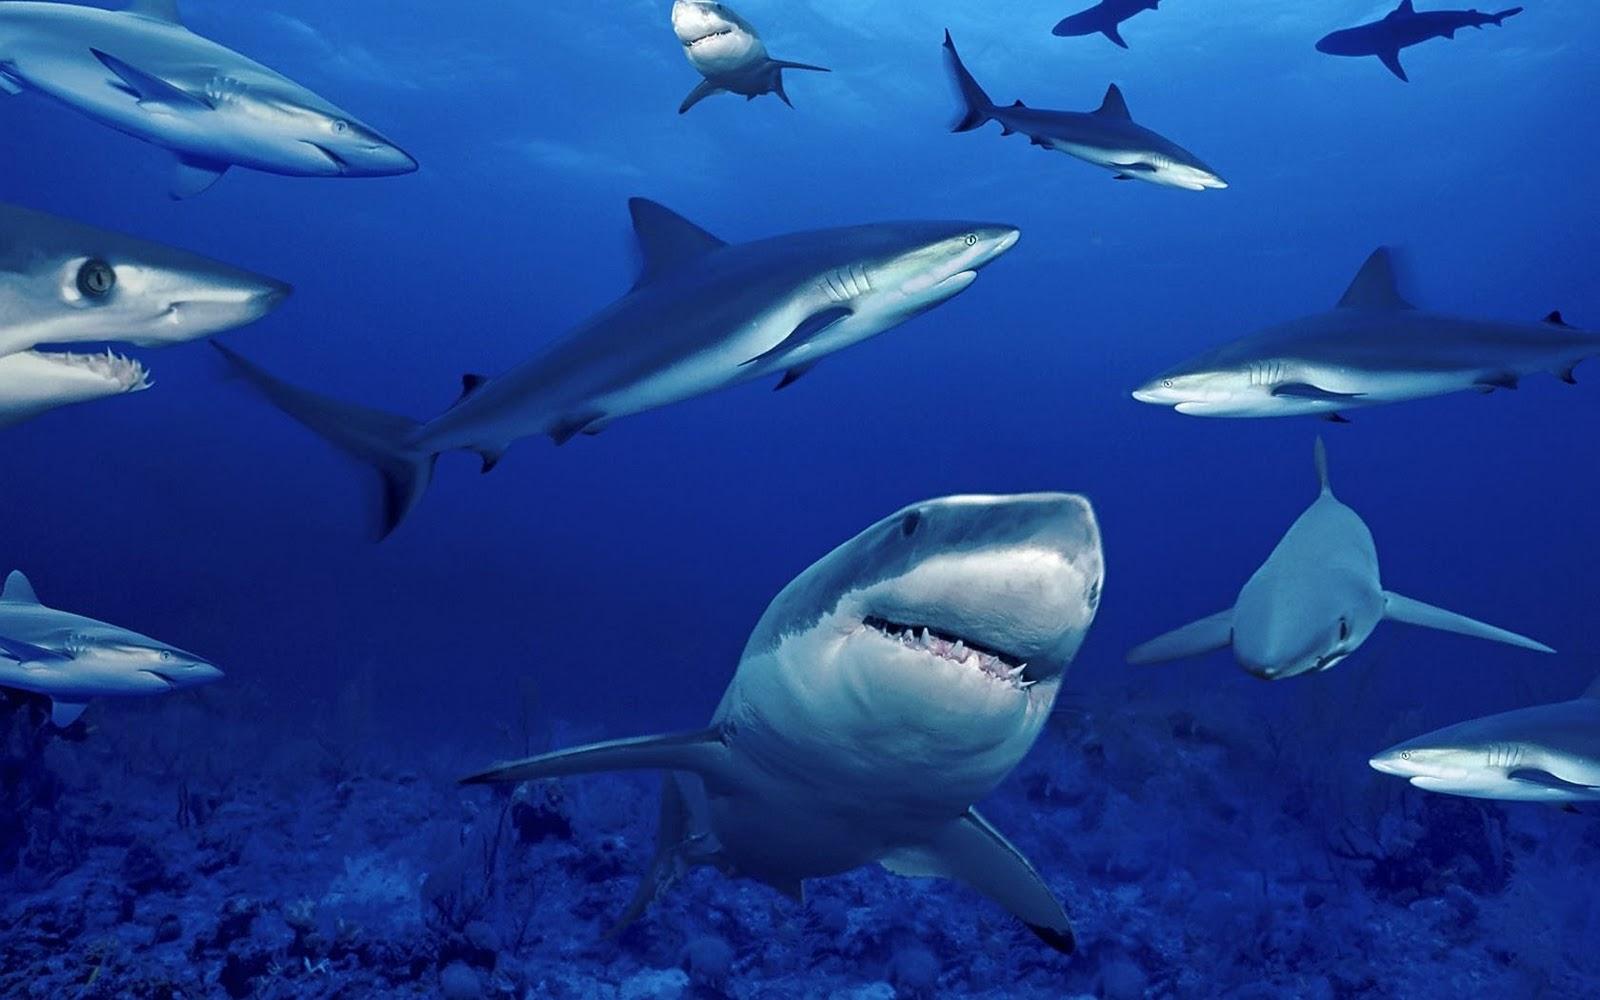 Cool Shark Wallpapers - WallpaperSafari